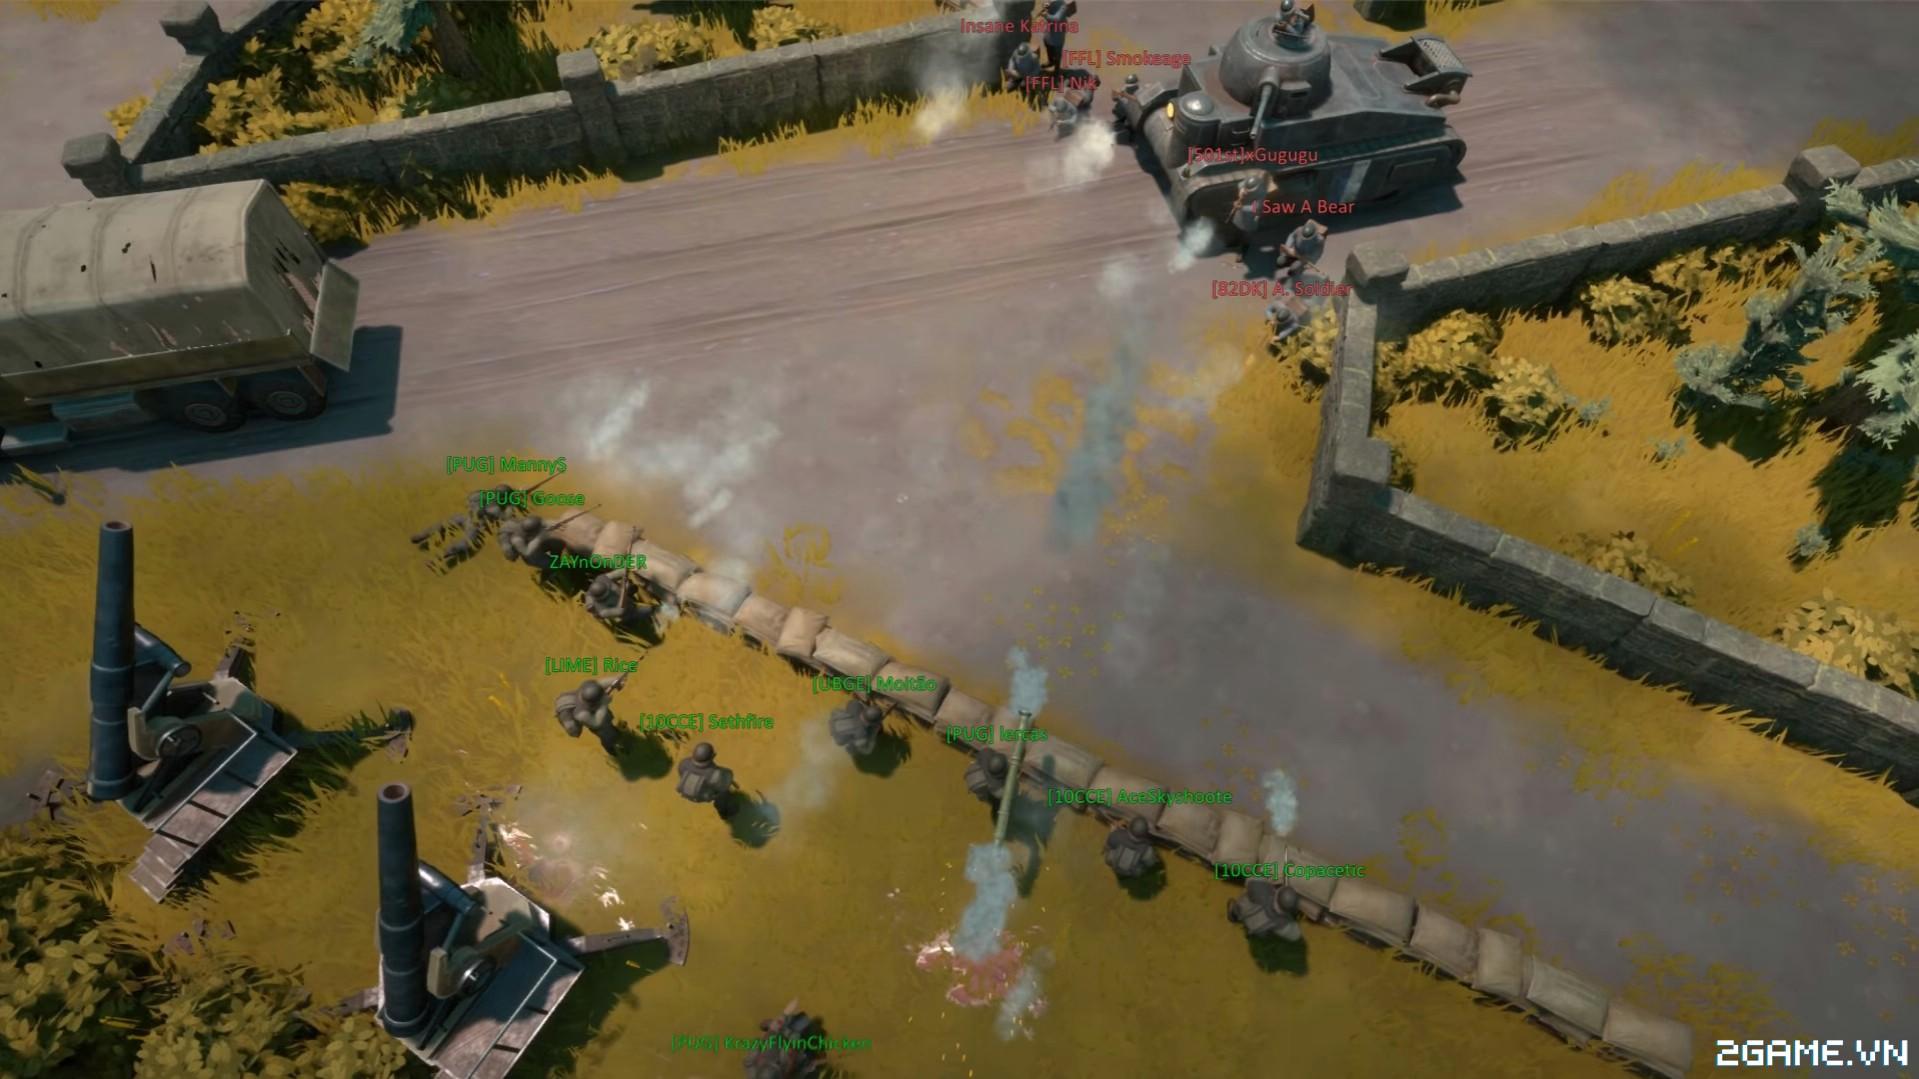 Foxhole - Game online chiến thuật quân sự mô phỏng chi tiết đến không tưởng 1